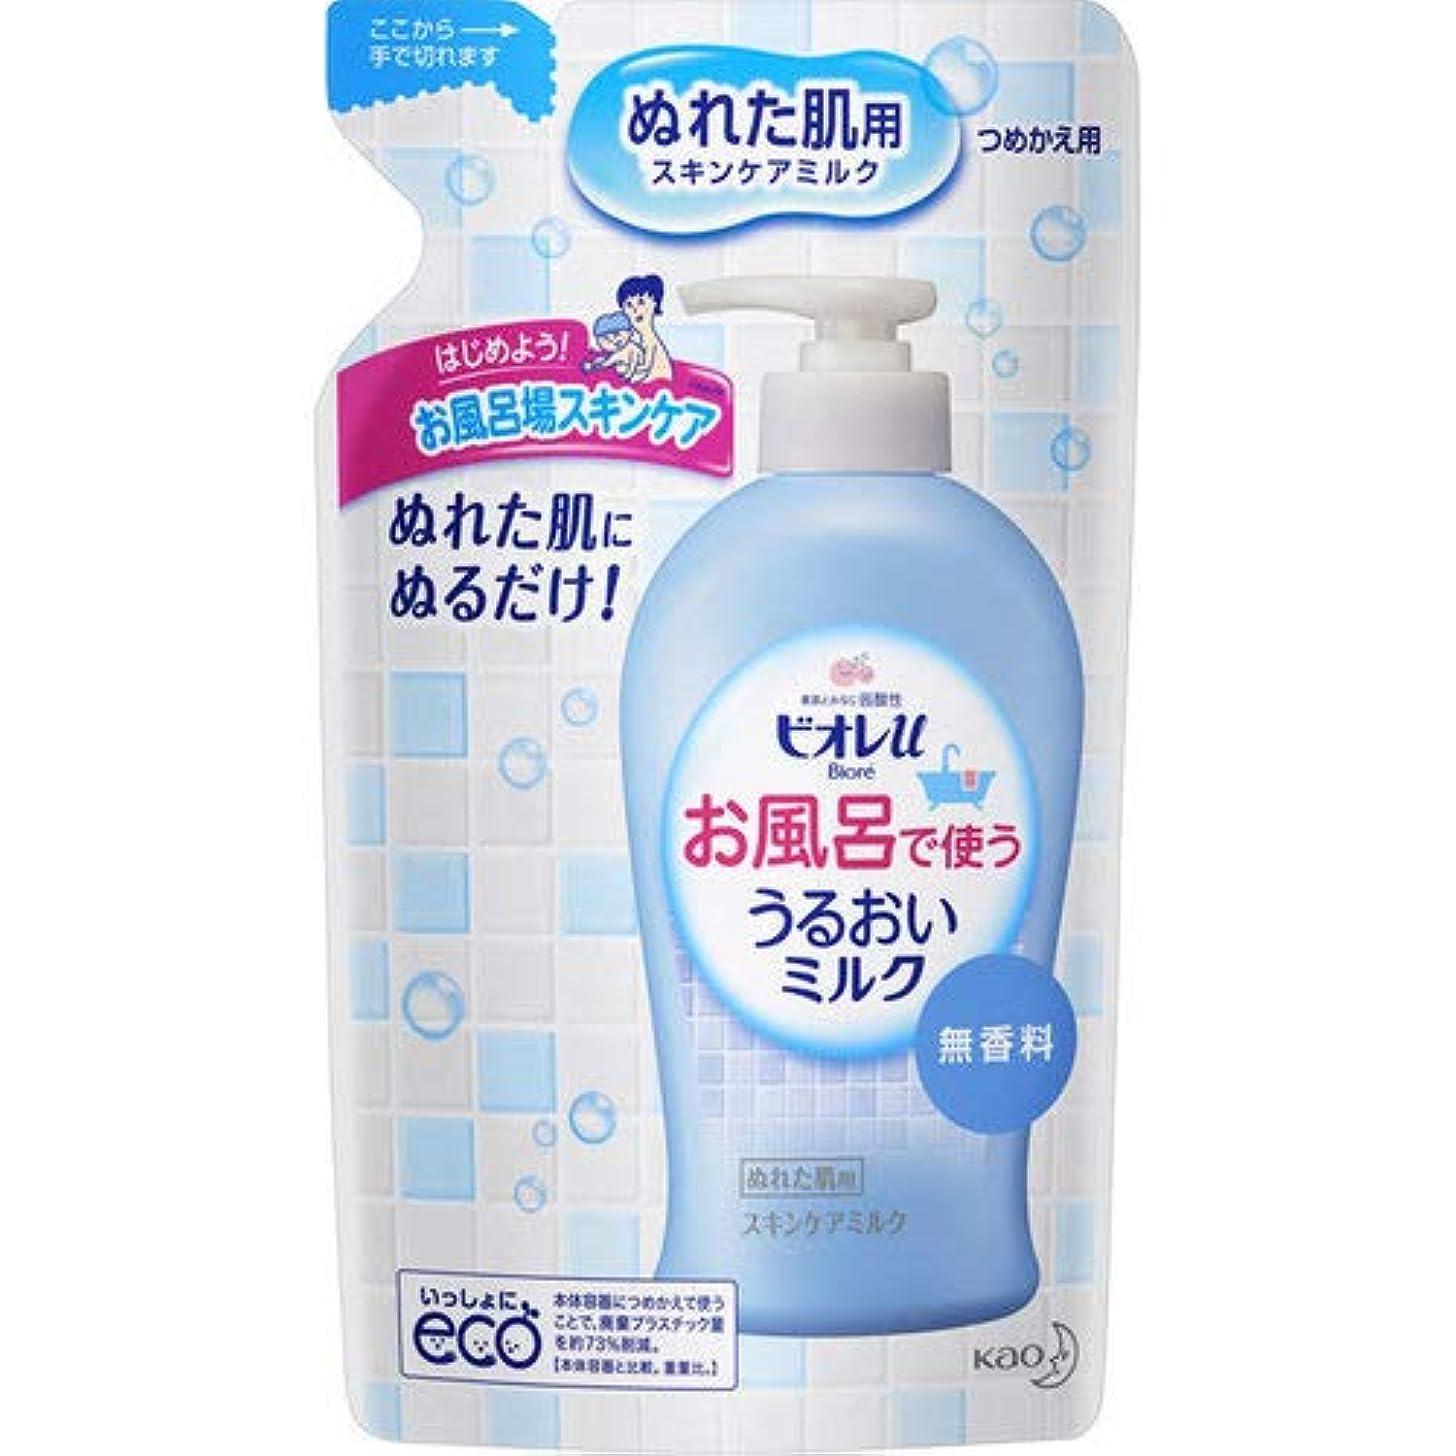 詐欺先行する放課後ビオレu お風呂で使ううるおいミルク 無香料 つめかえ用 250mL